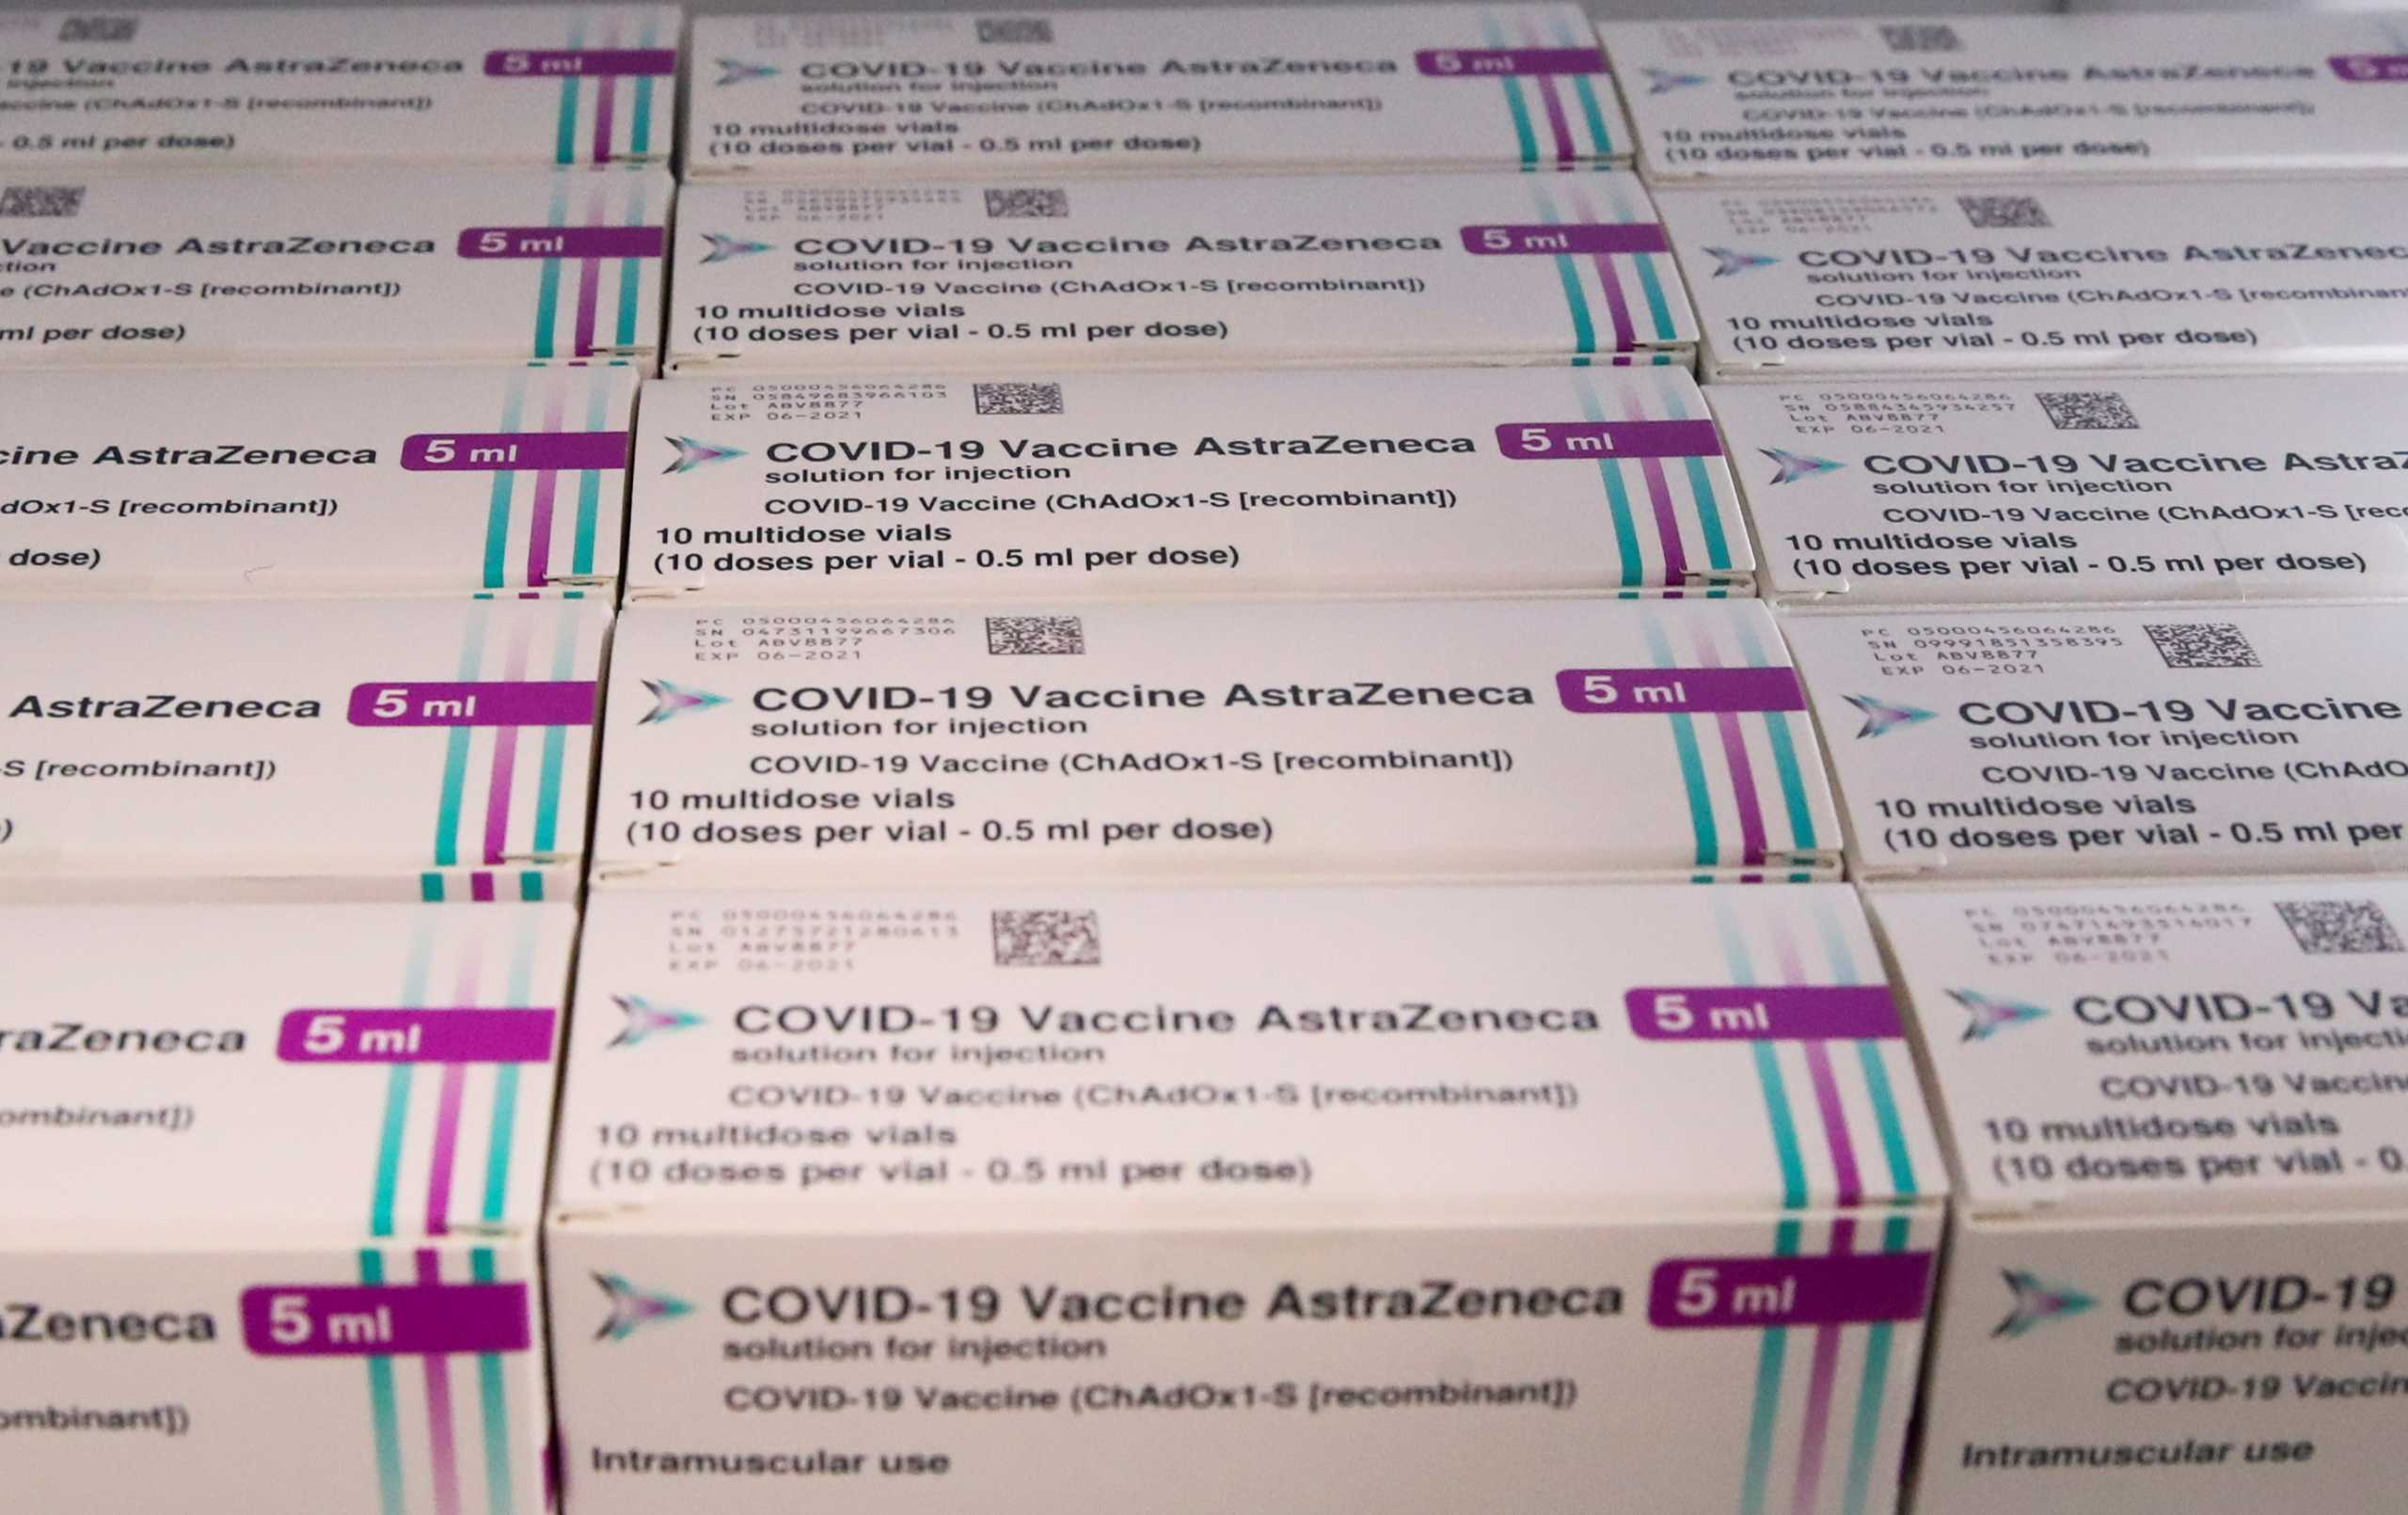 Μπλόκο της Κομισιόν στην AstraZeneca: Δεν θα αγοράσει επιπλέον εμβόλια